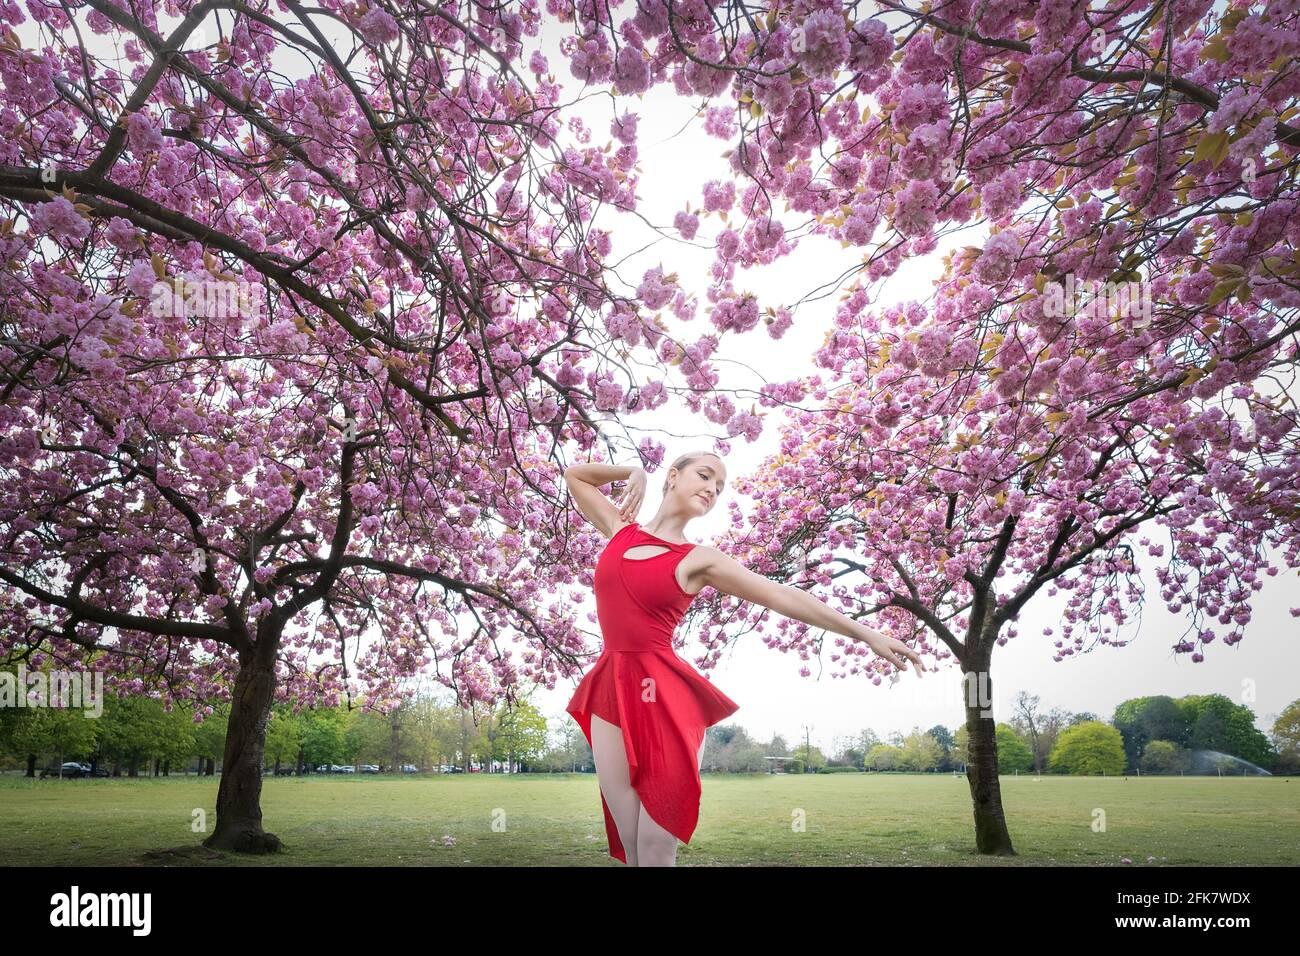 Londres, Reino Unido. 29th de abril de 2021. Día Internacional de la Danza: ARIA Tilah, estudiante de la Real Academia de Danza, actúa entre los impresionantes cerezos en flor en Greenwich Park el Día Internacional de la Danza. Celebrado por primera vez en 1982, el Día Internacional de la Danza se celebra cada año desde que se celebra el aniversario del nacimiento de Jean-Georges Noverre (1727-1810), considerado el creador del ballet moderno. Crédito: Guy Corbishley/Alamy Live News Foto de stock